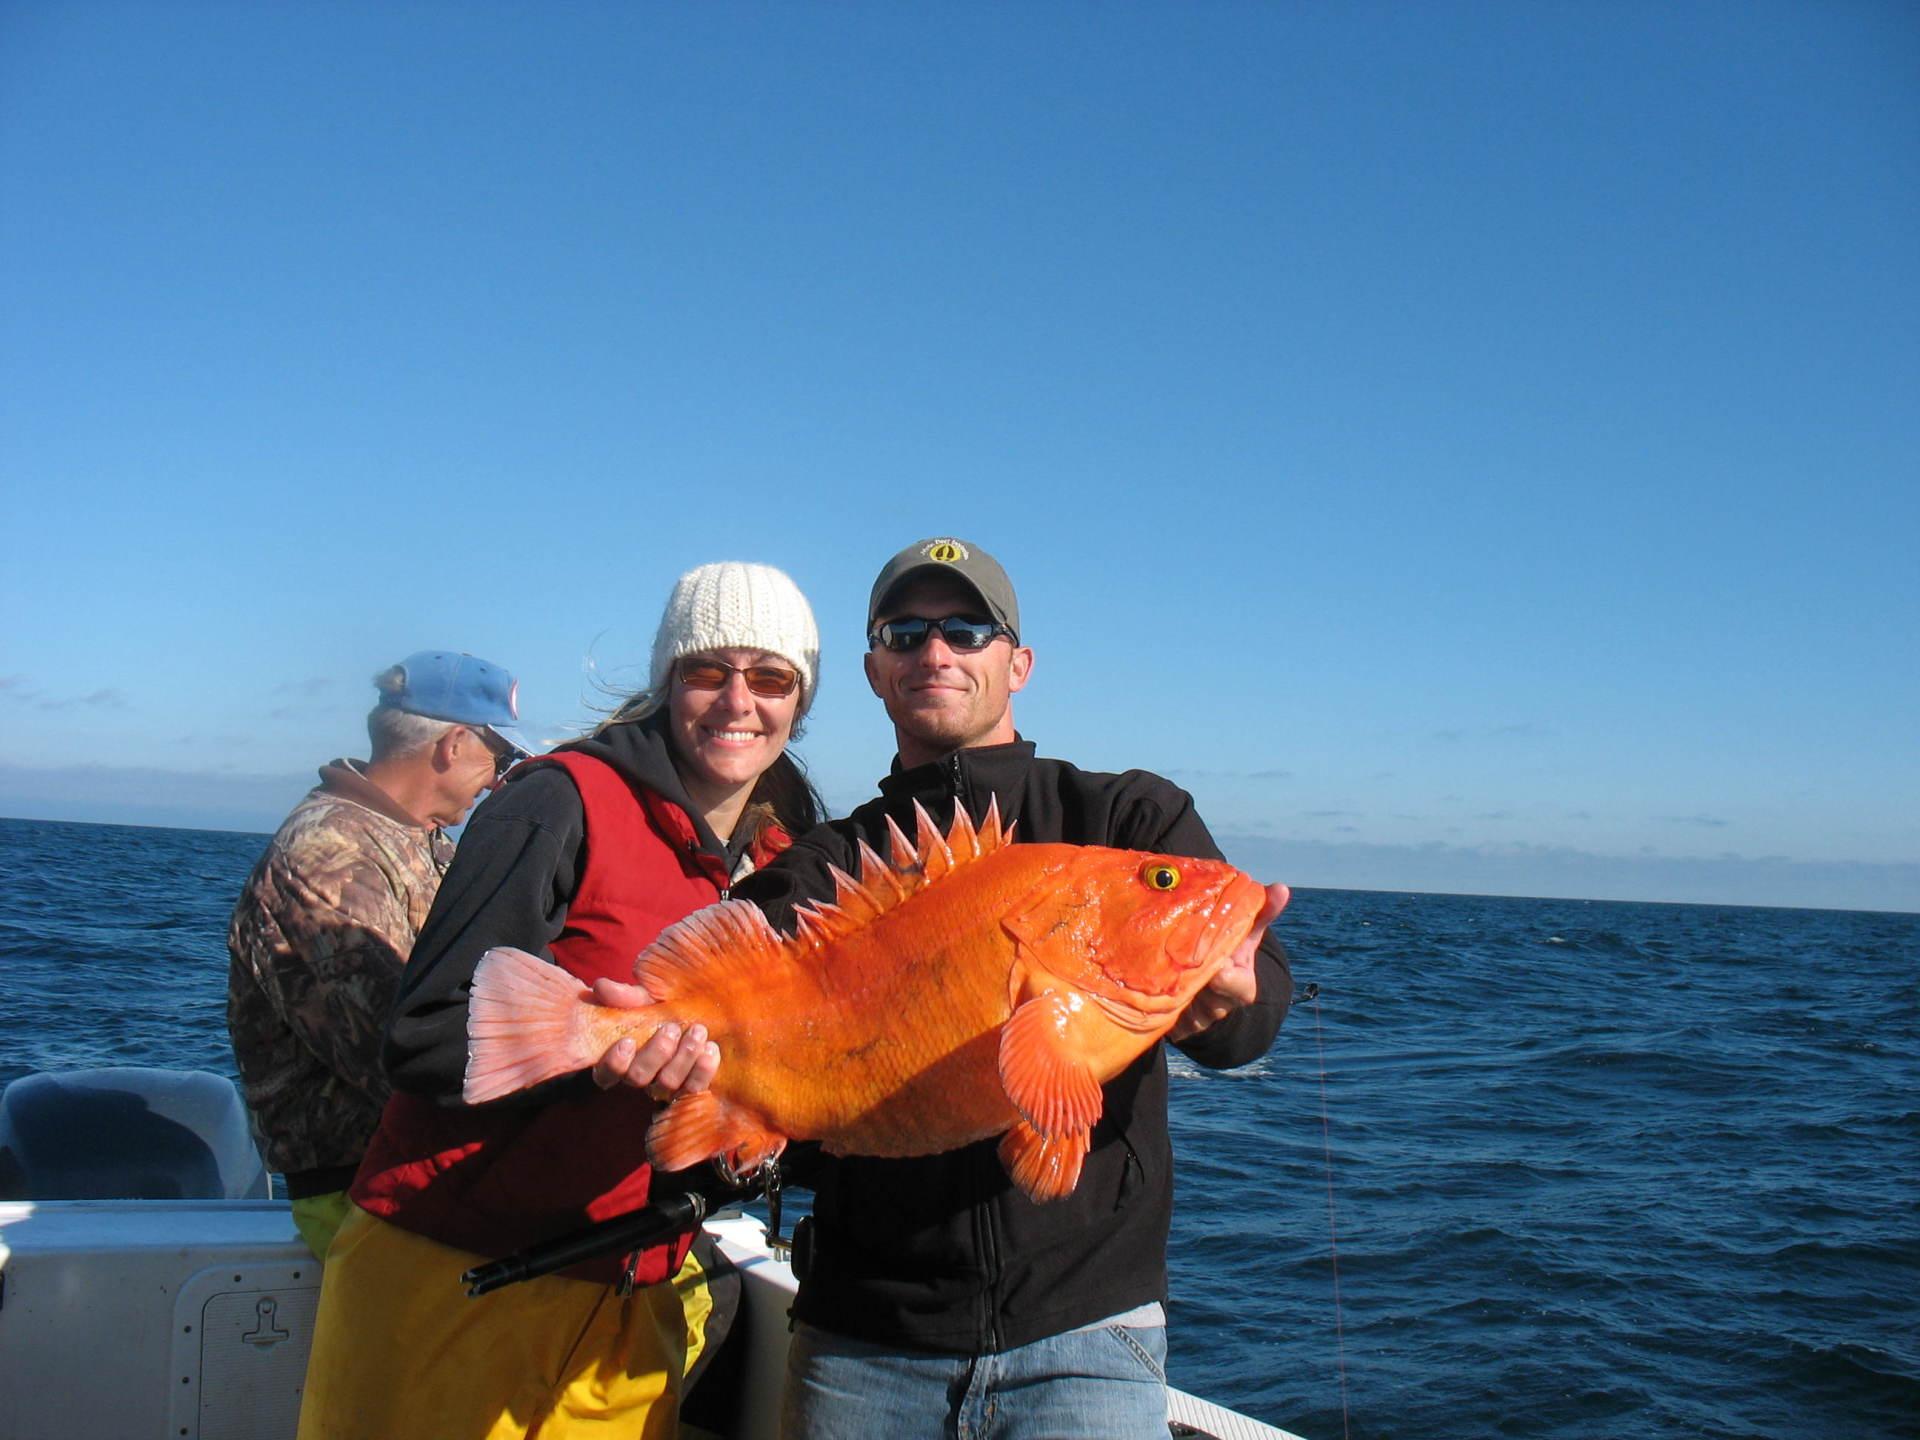 couple holding large orange fish